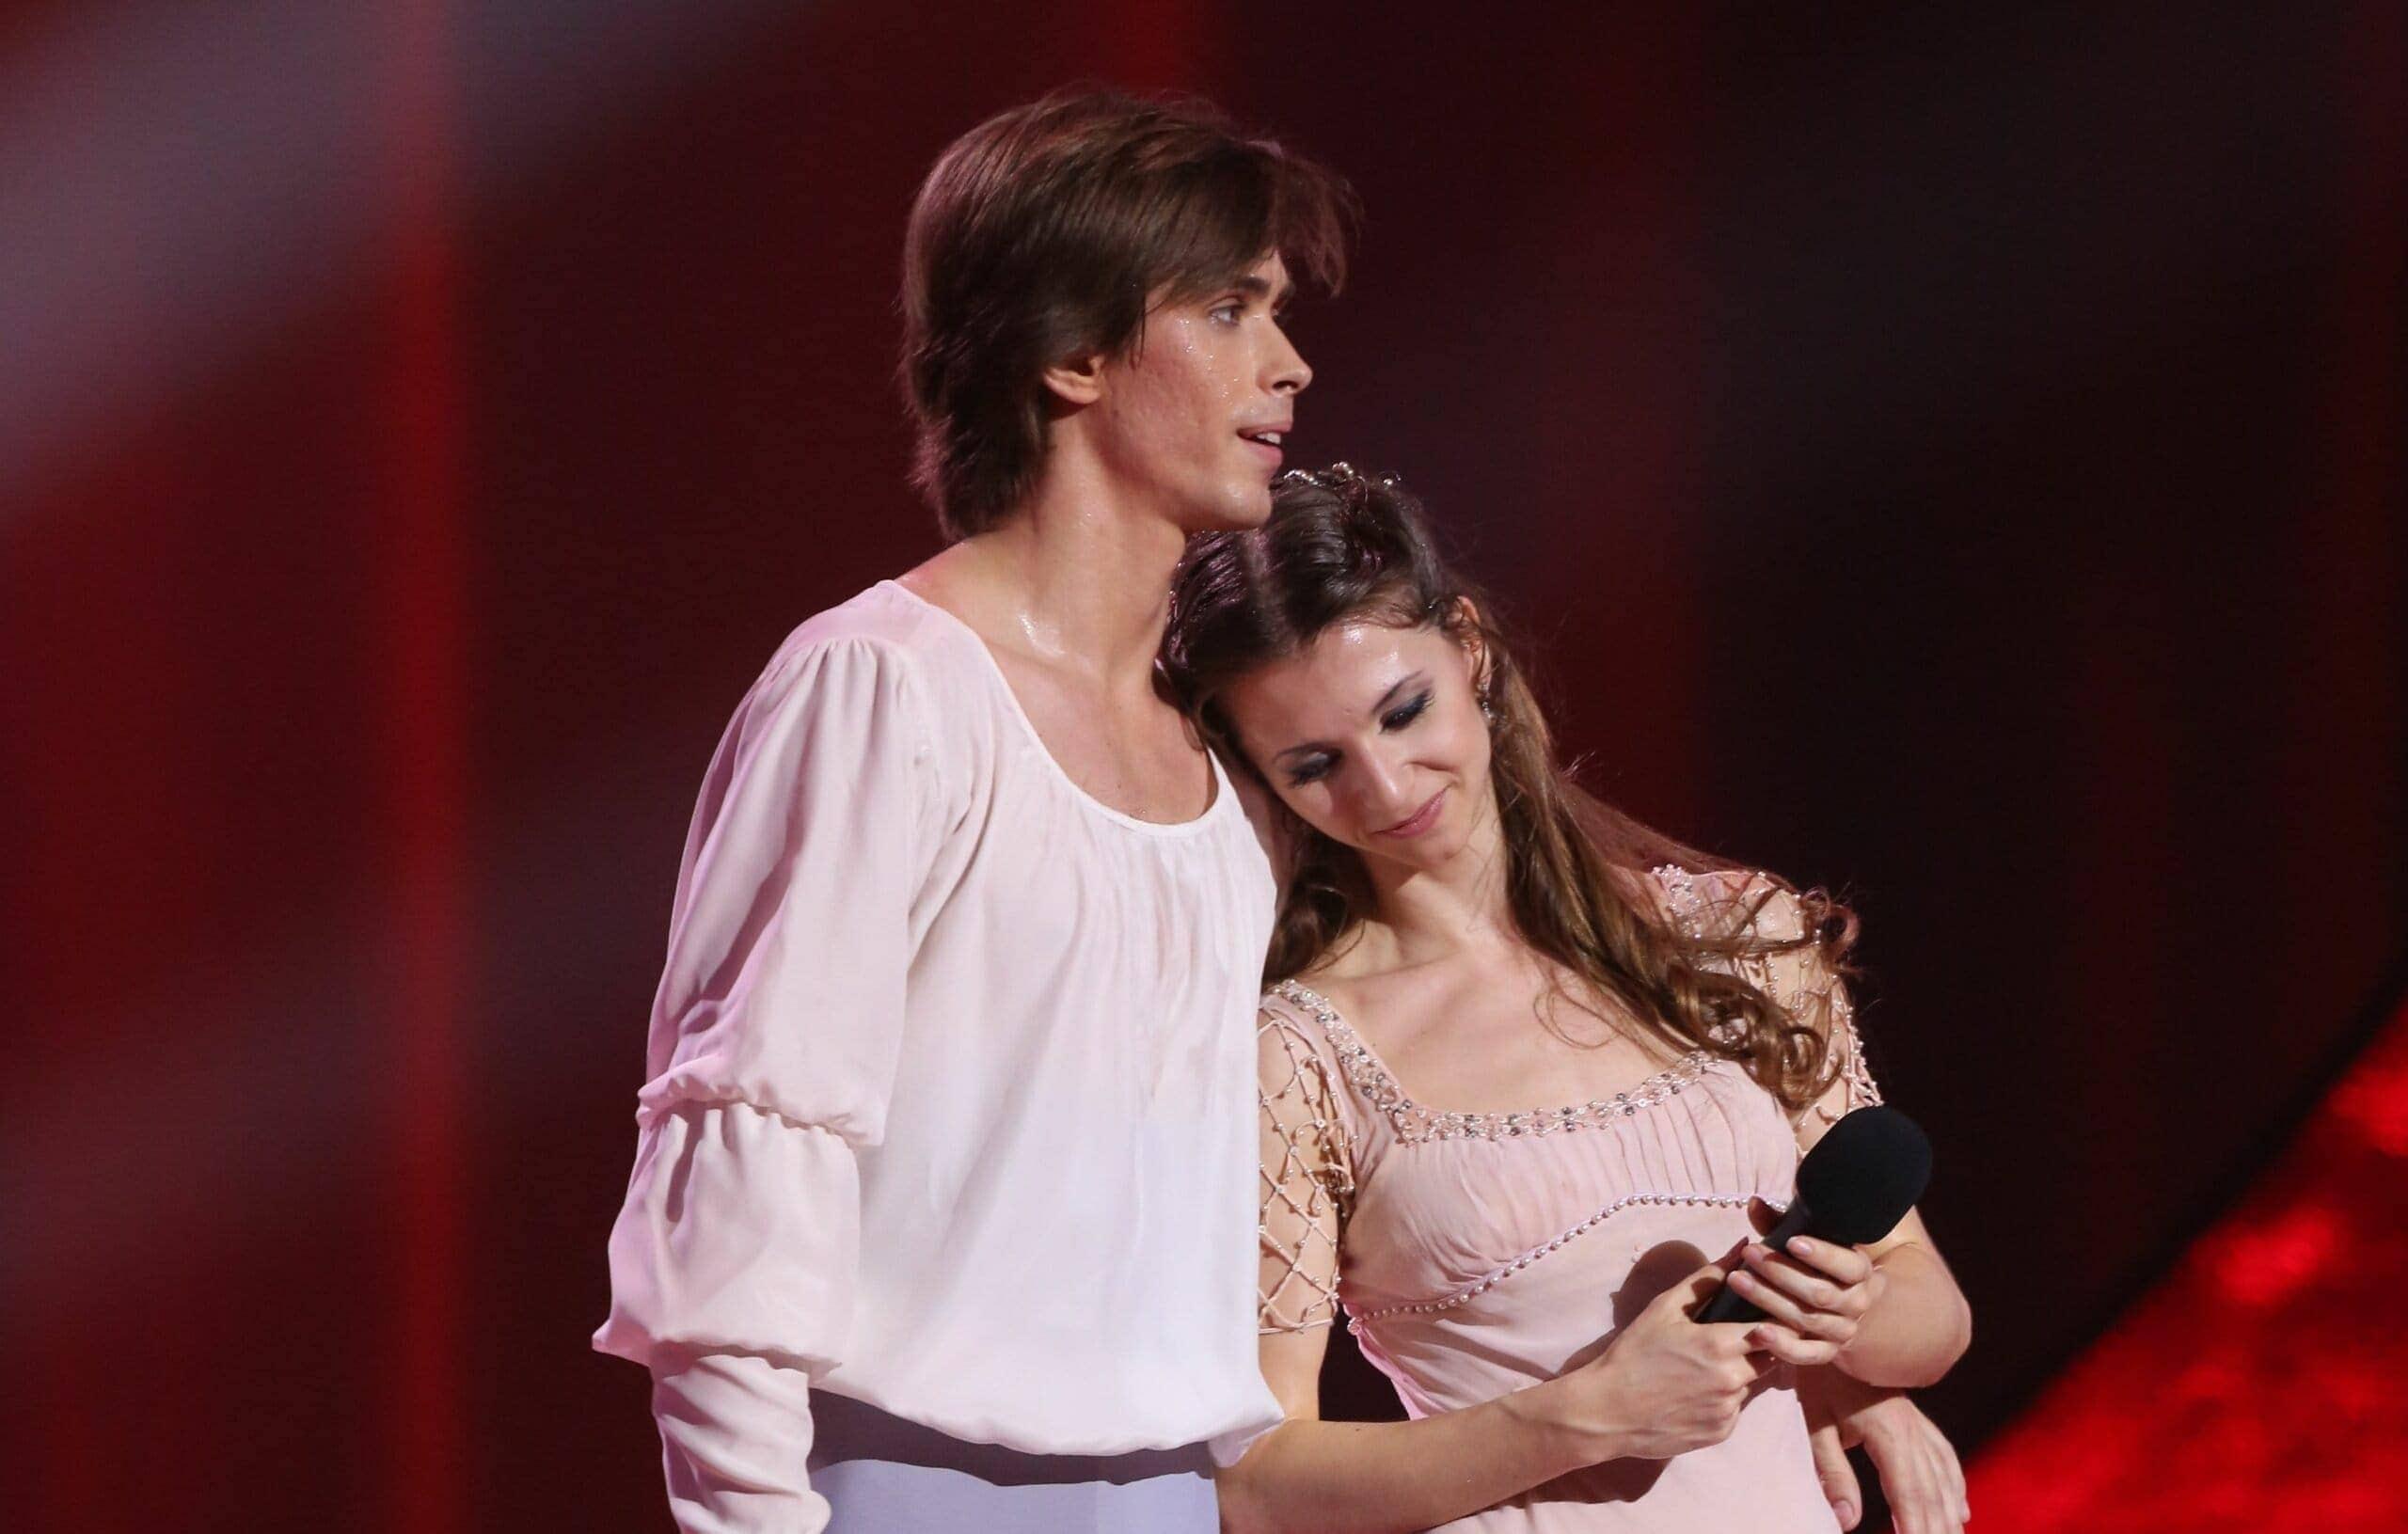 Артем Овчаренко и Анна Тихомирова. Фото - Вадим Шульц